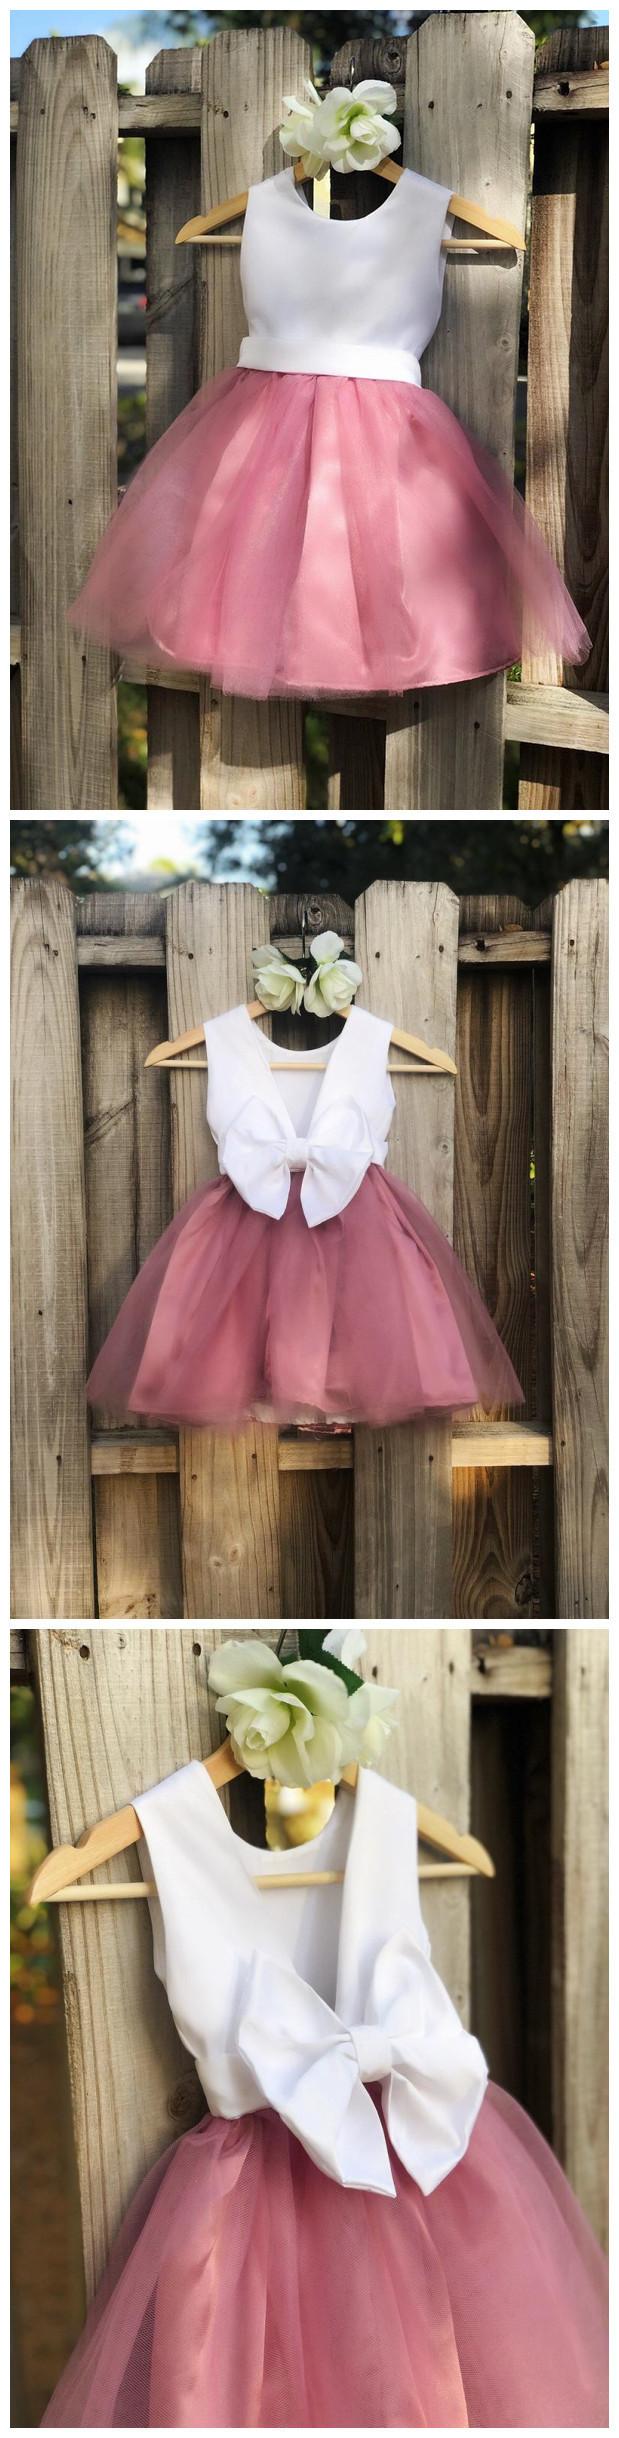 Dusty Rose Flower Girl Dress, Mauve Flower Girl Dress Elegant Satin Tulle Flower